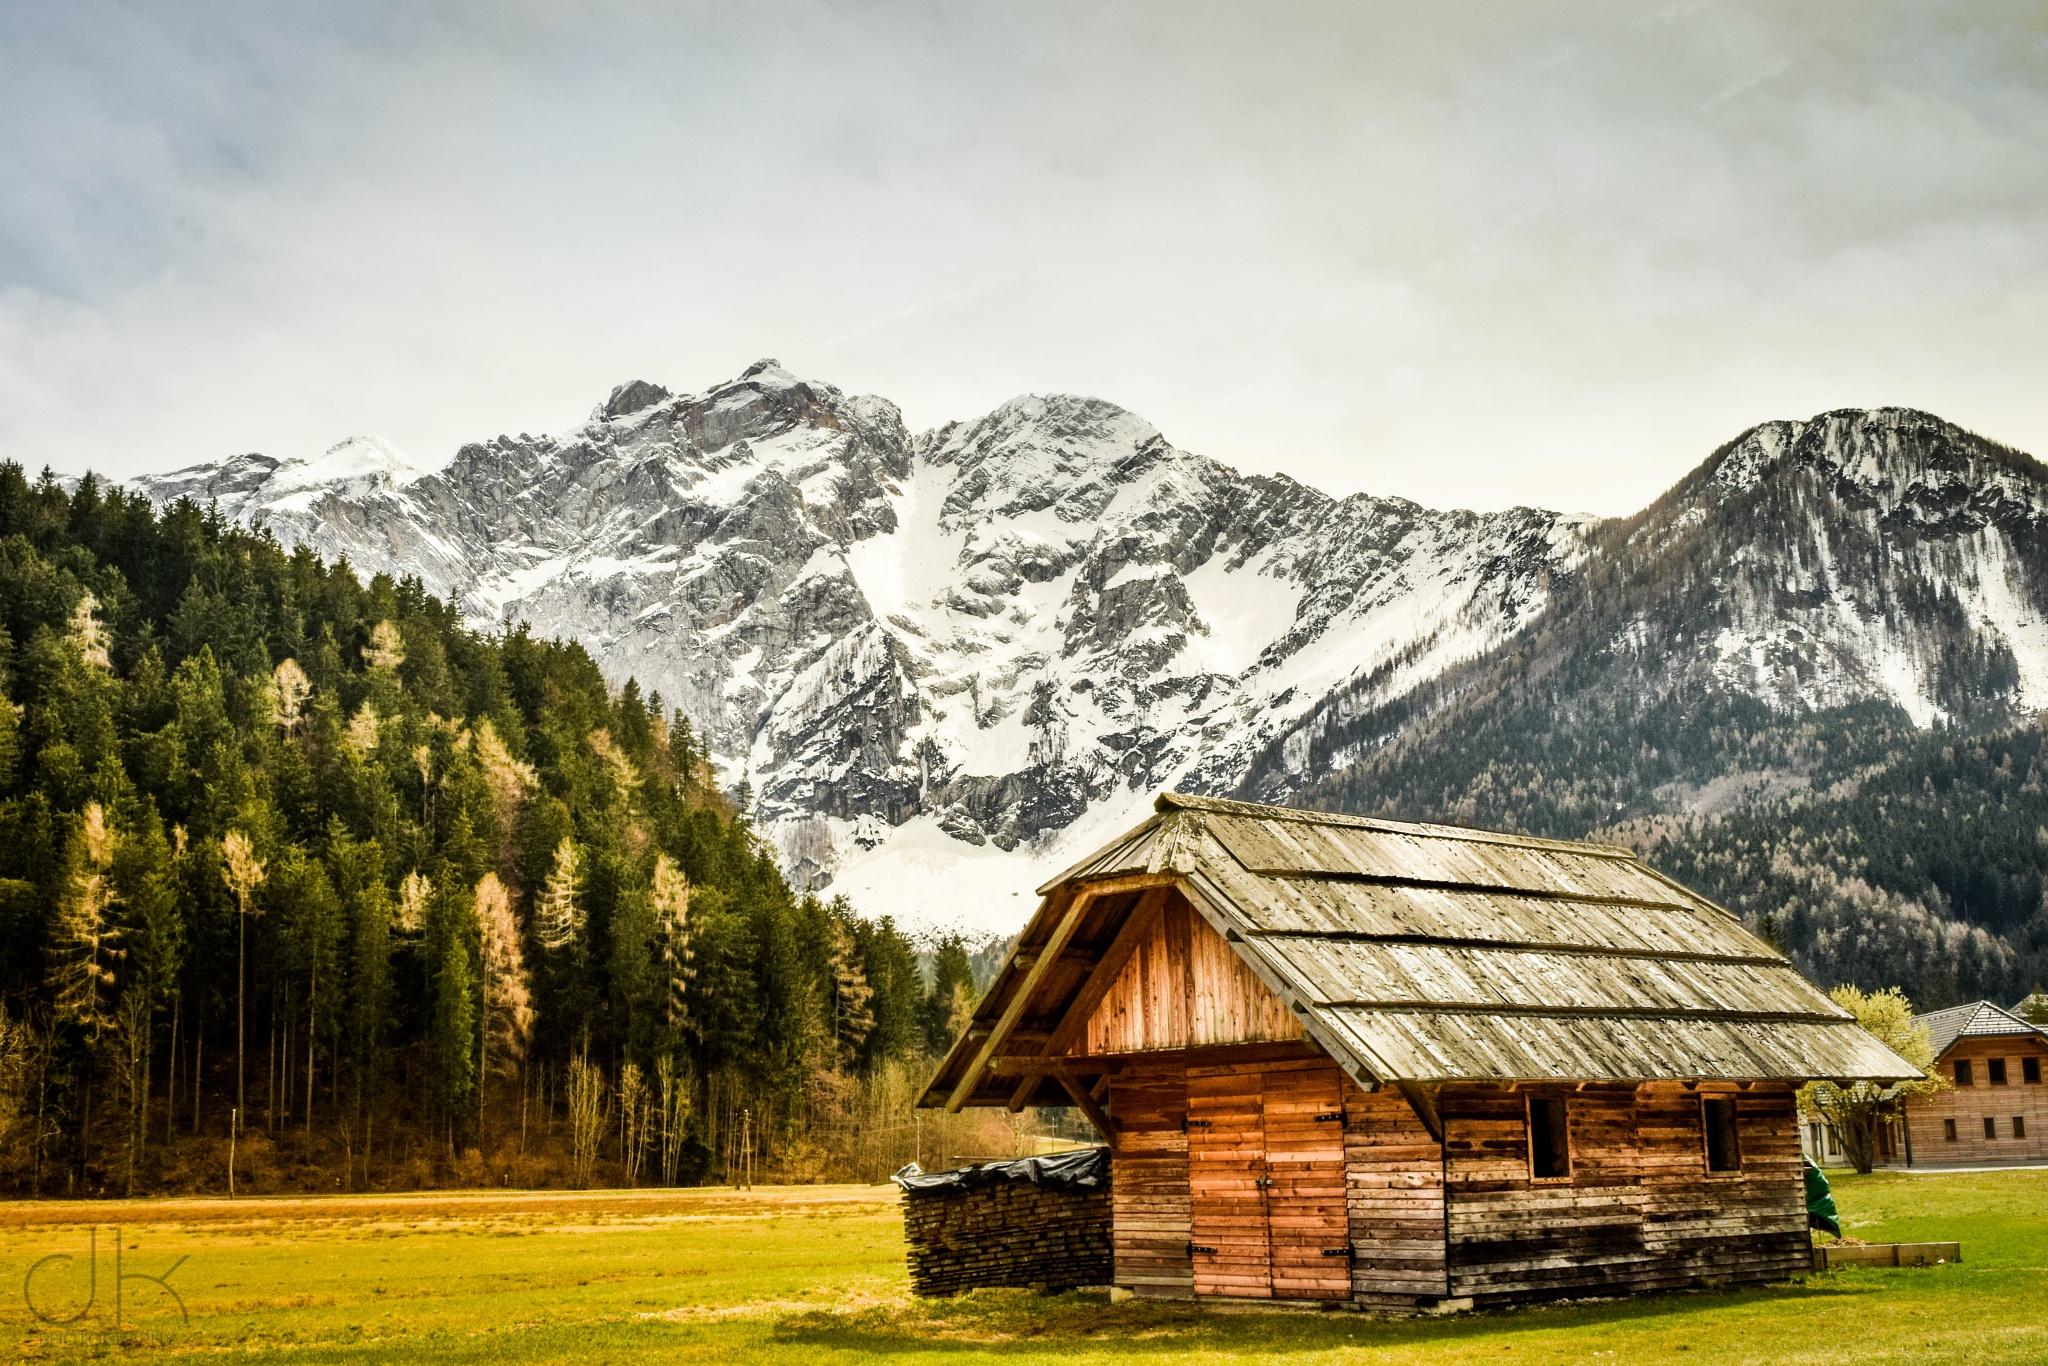 Slovenian mountains by Darko Golnar